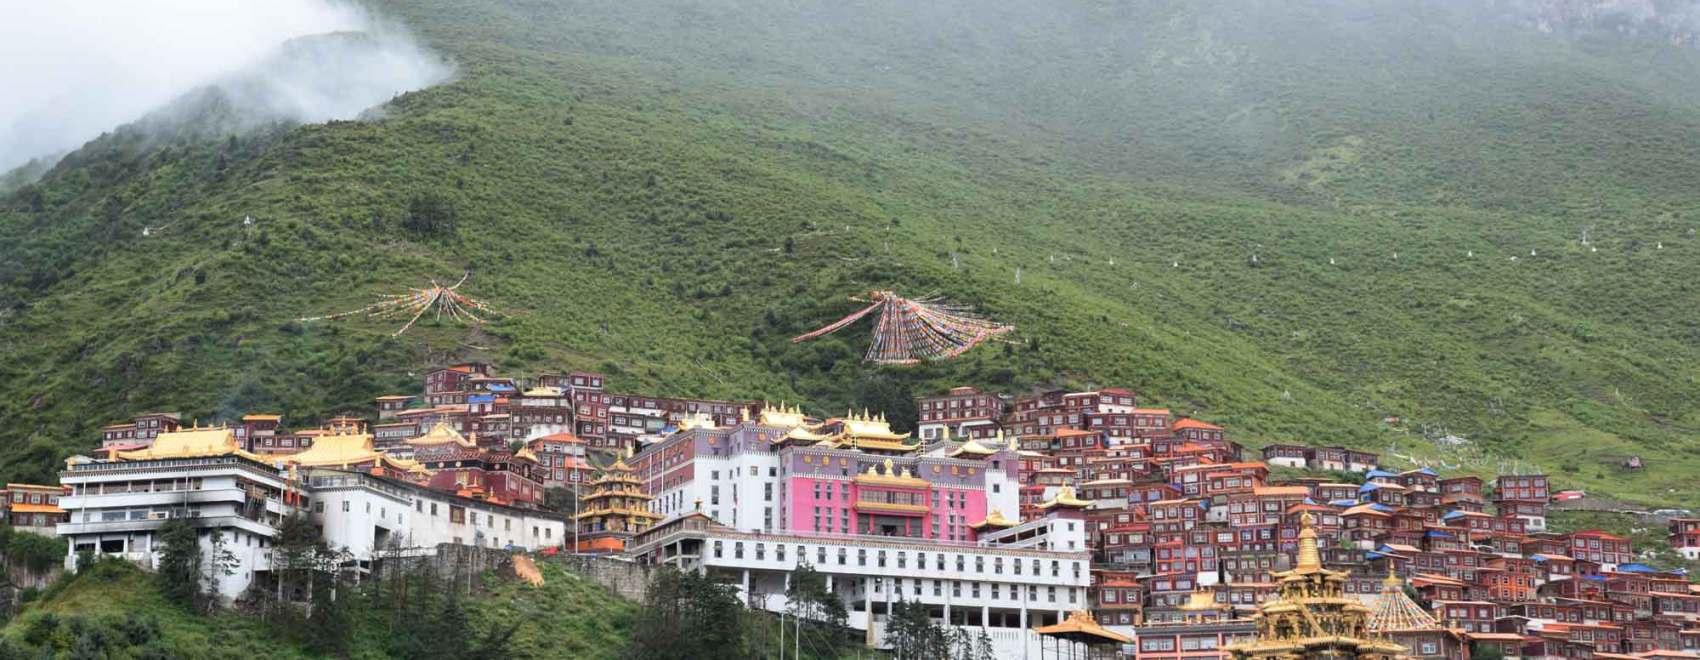 Katok Monastery